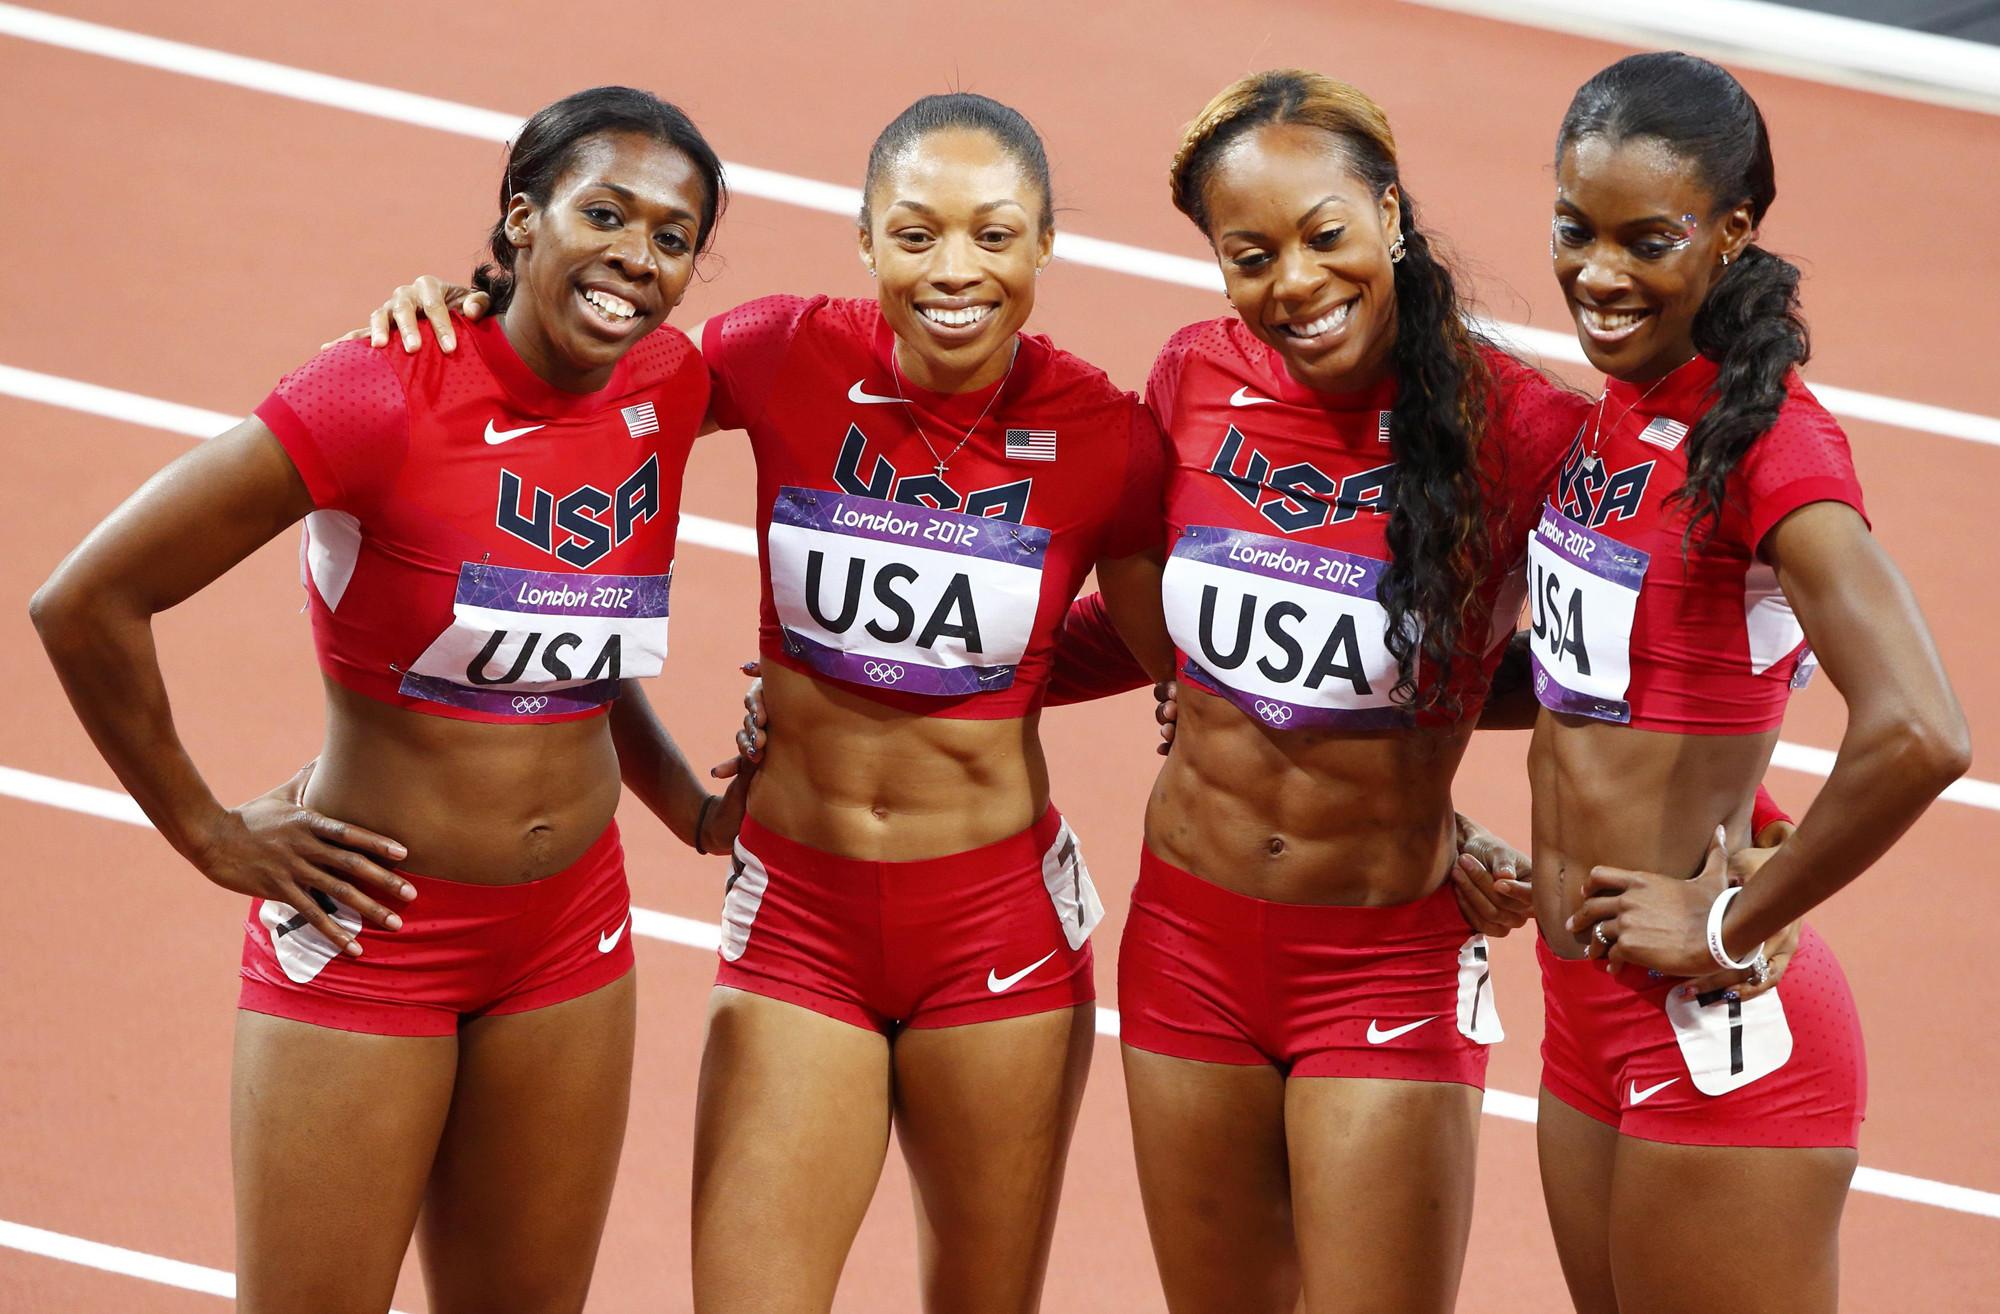 Американские спортсменки фото